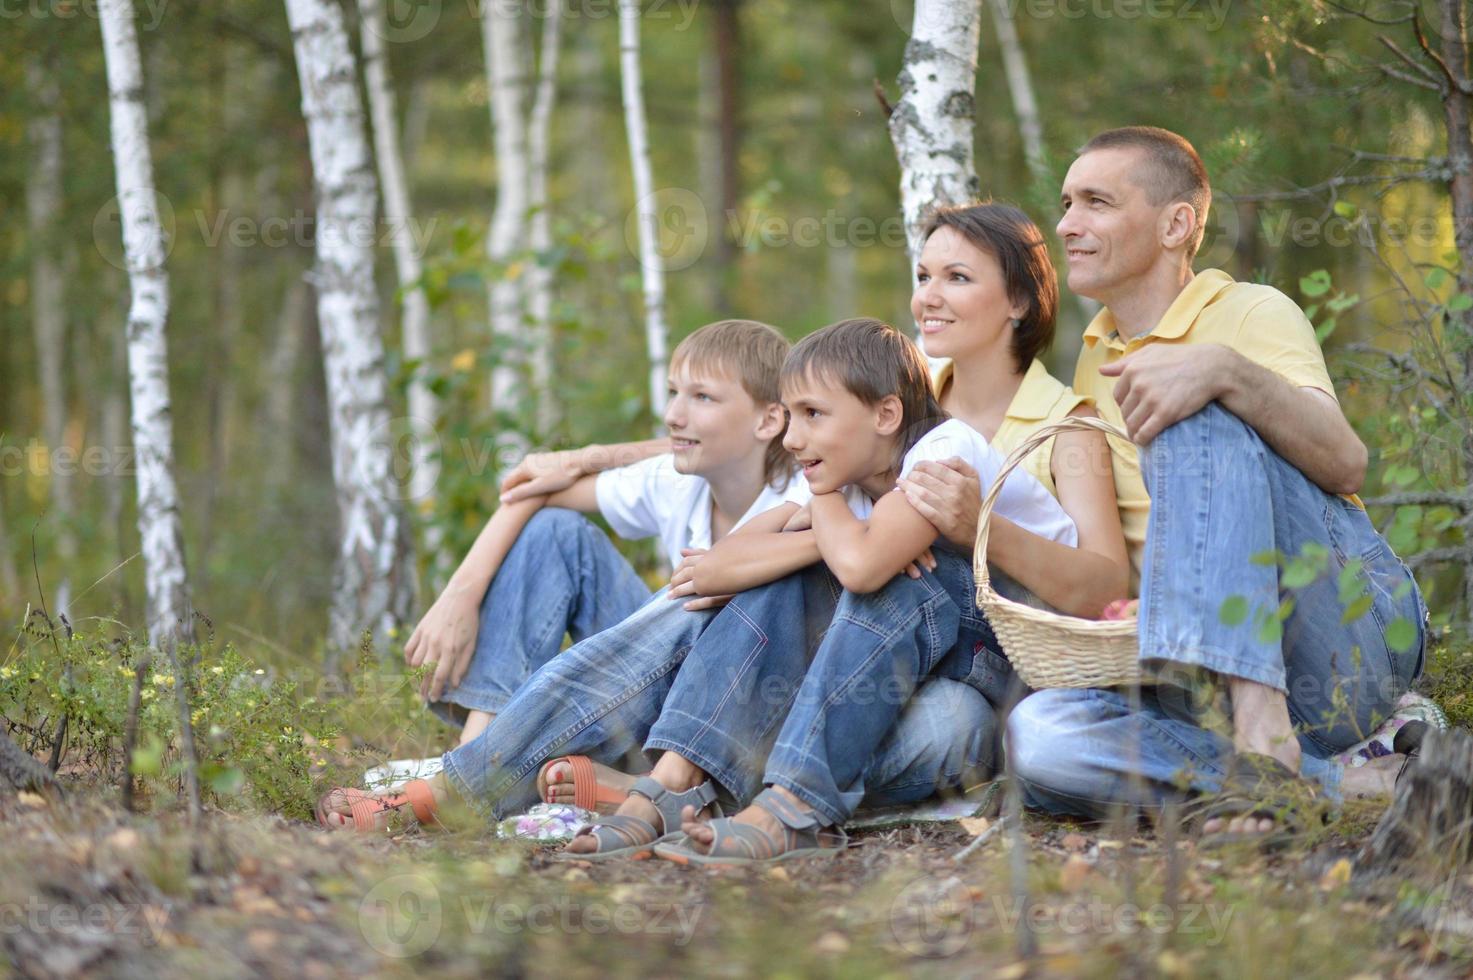 hermosa familia feliz relajante foto